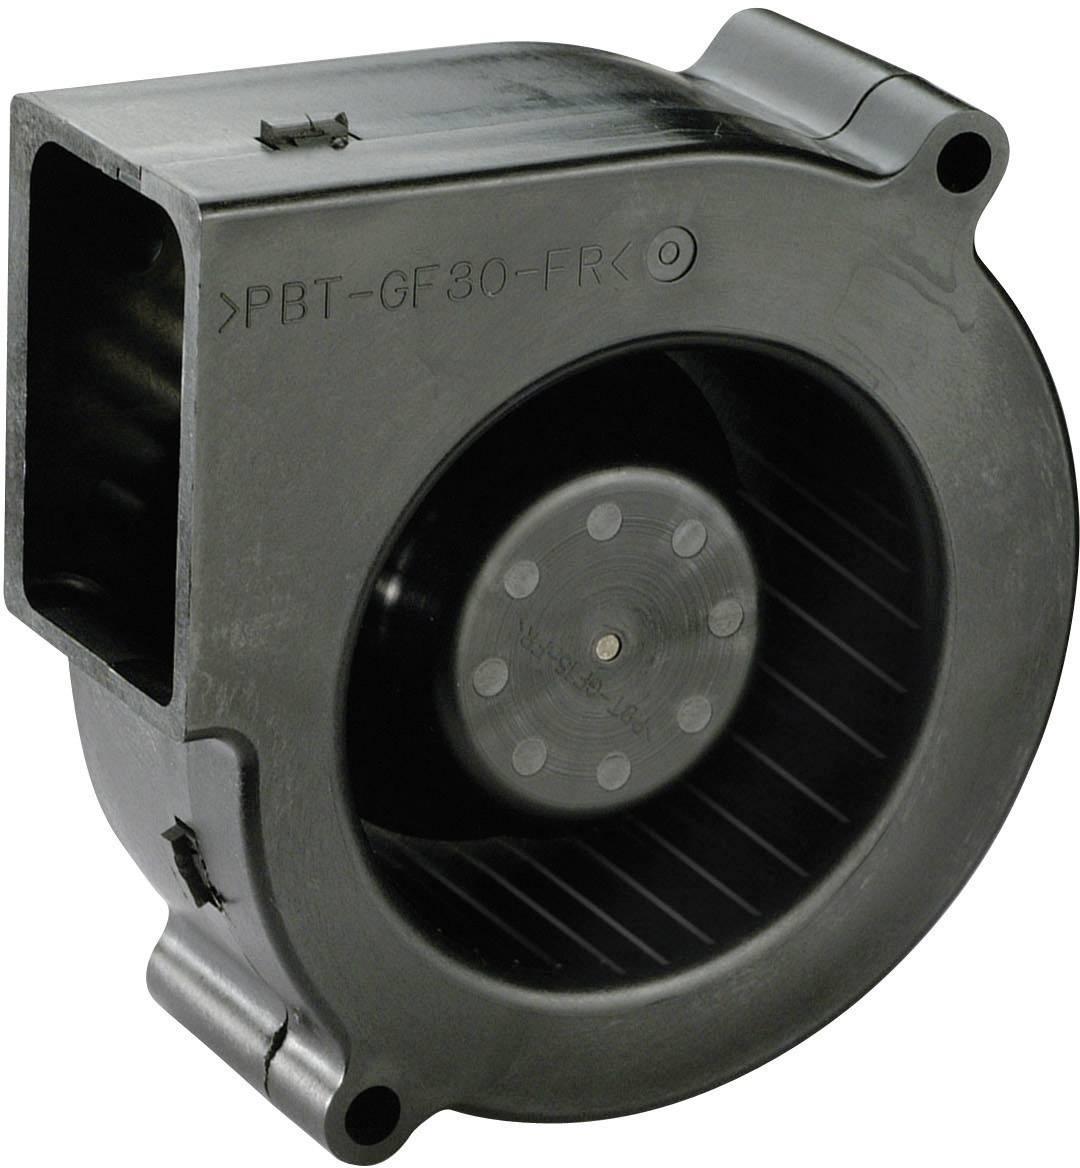 Axiálny ventilátor NMB Minebea BG0703-B053-000-00 BG0703-B053-000-00, 24 V/DC, 34.5 dB, (d x š x v) 75.7 x 75.7 x 30 mm